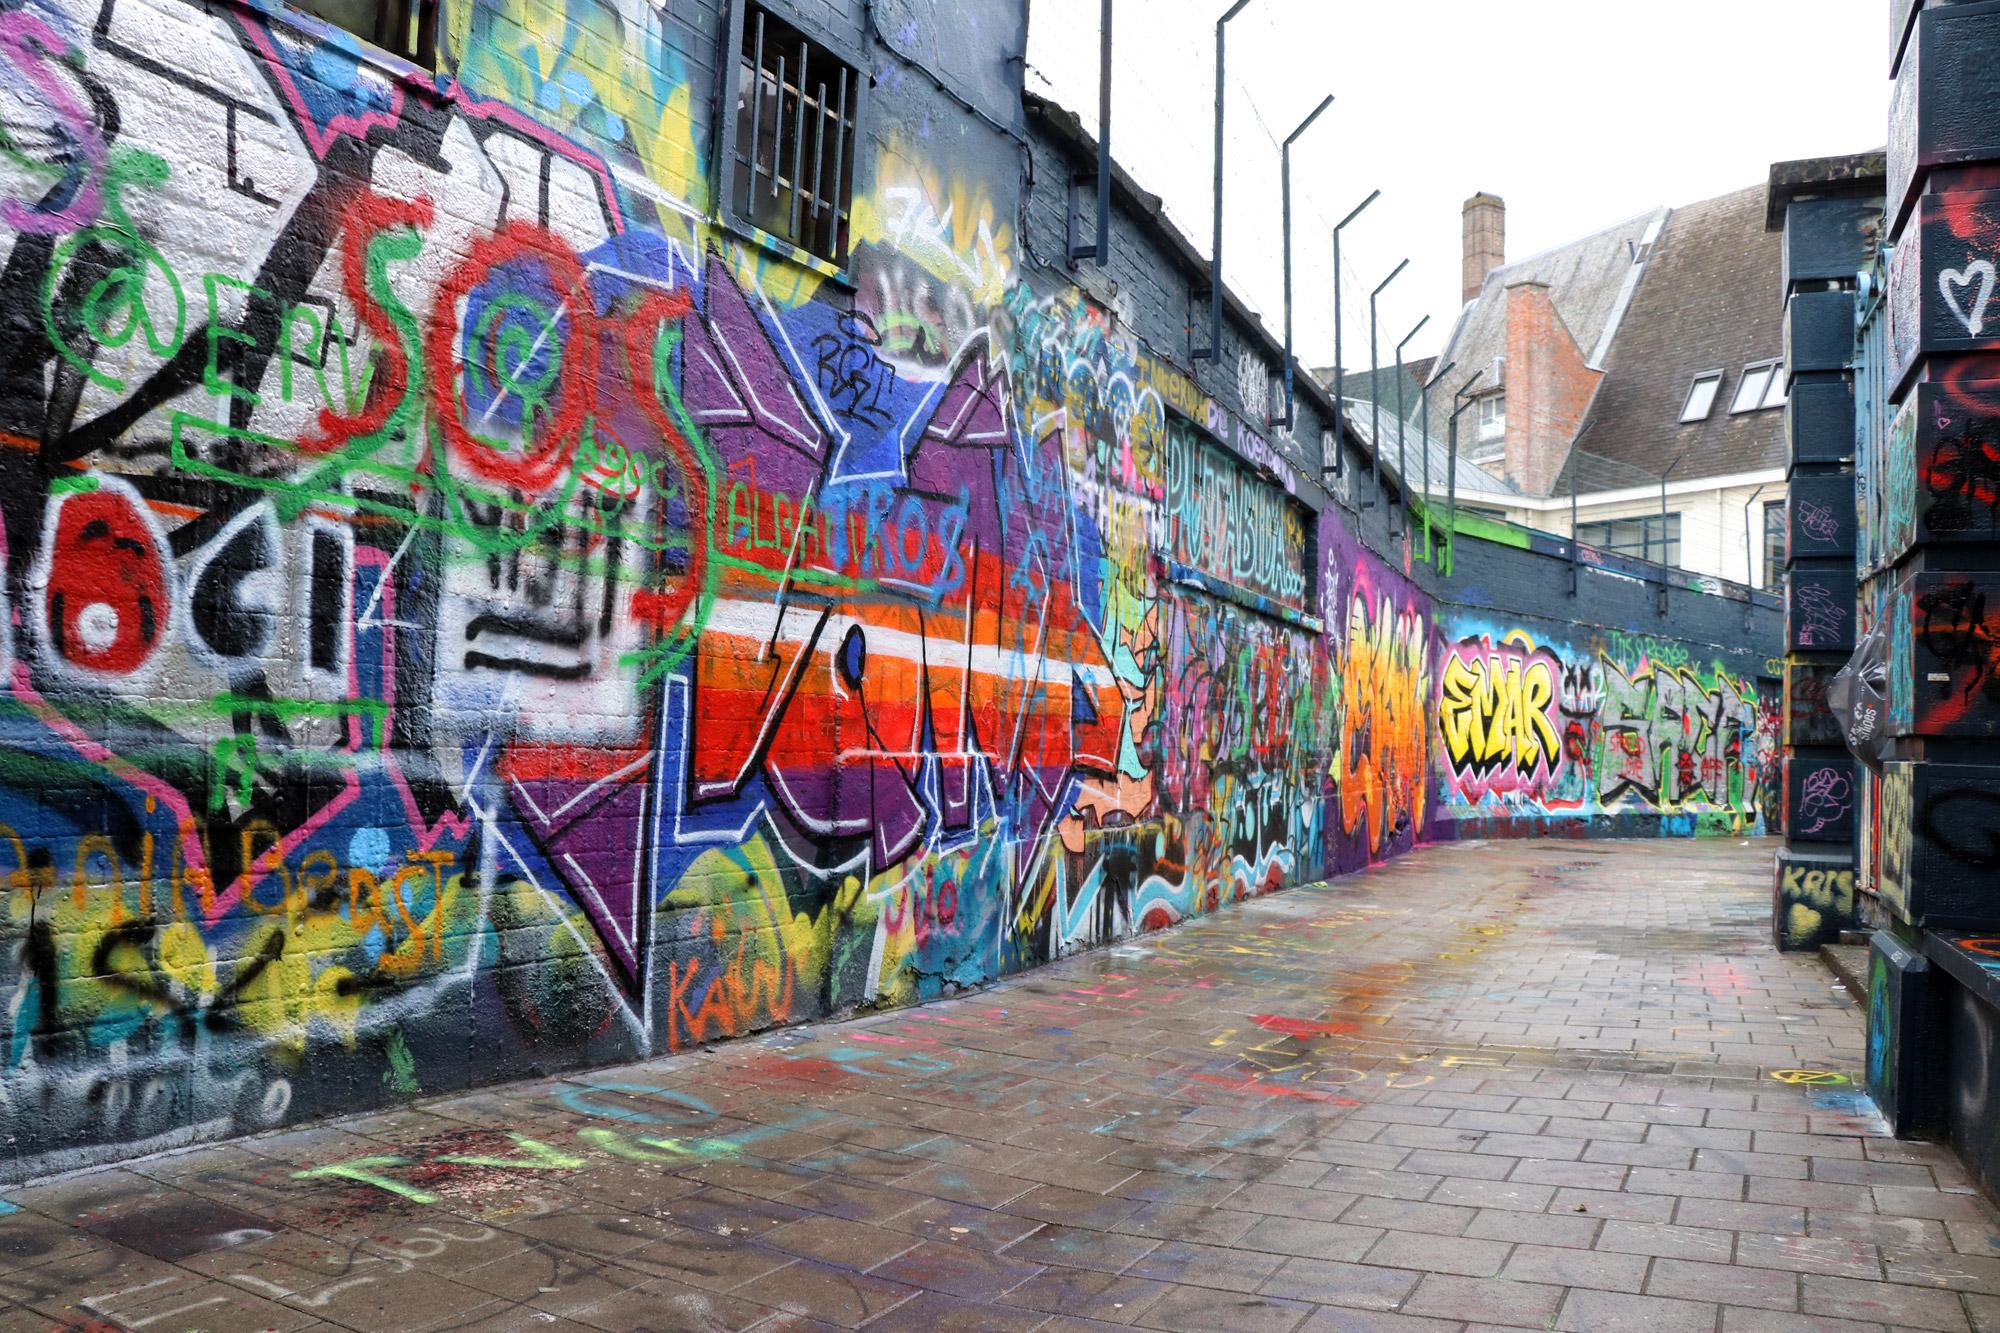 Mijn tips voor Gent - Street art